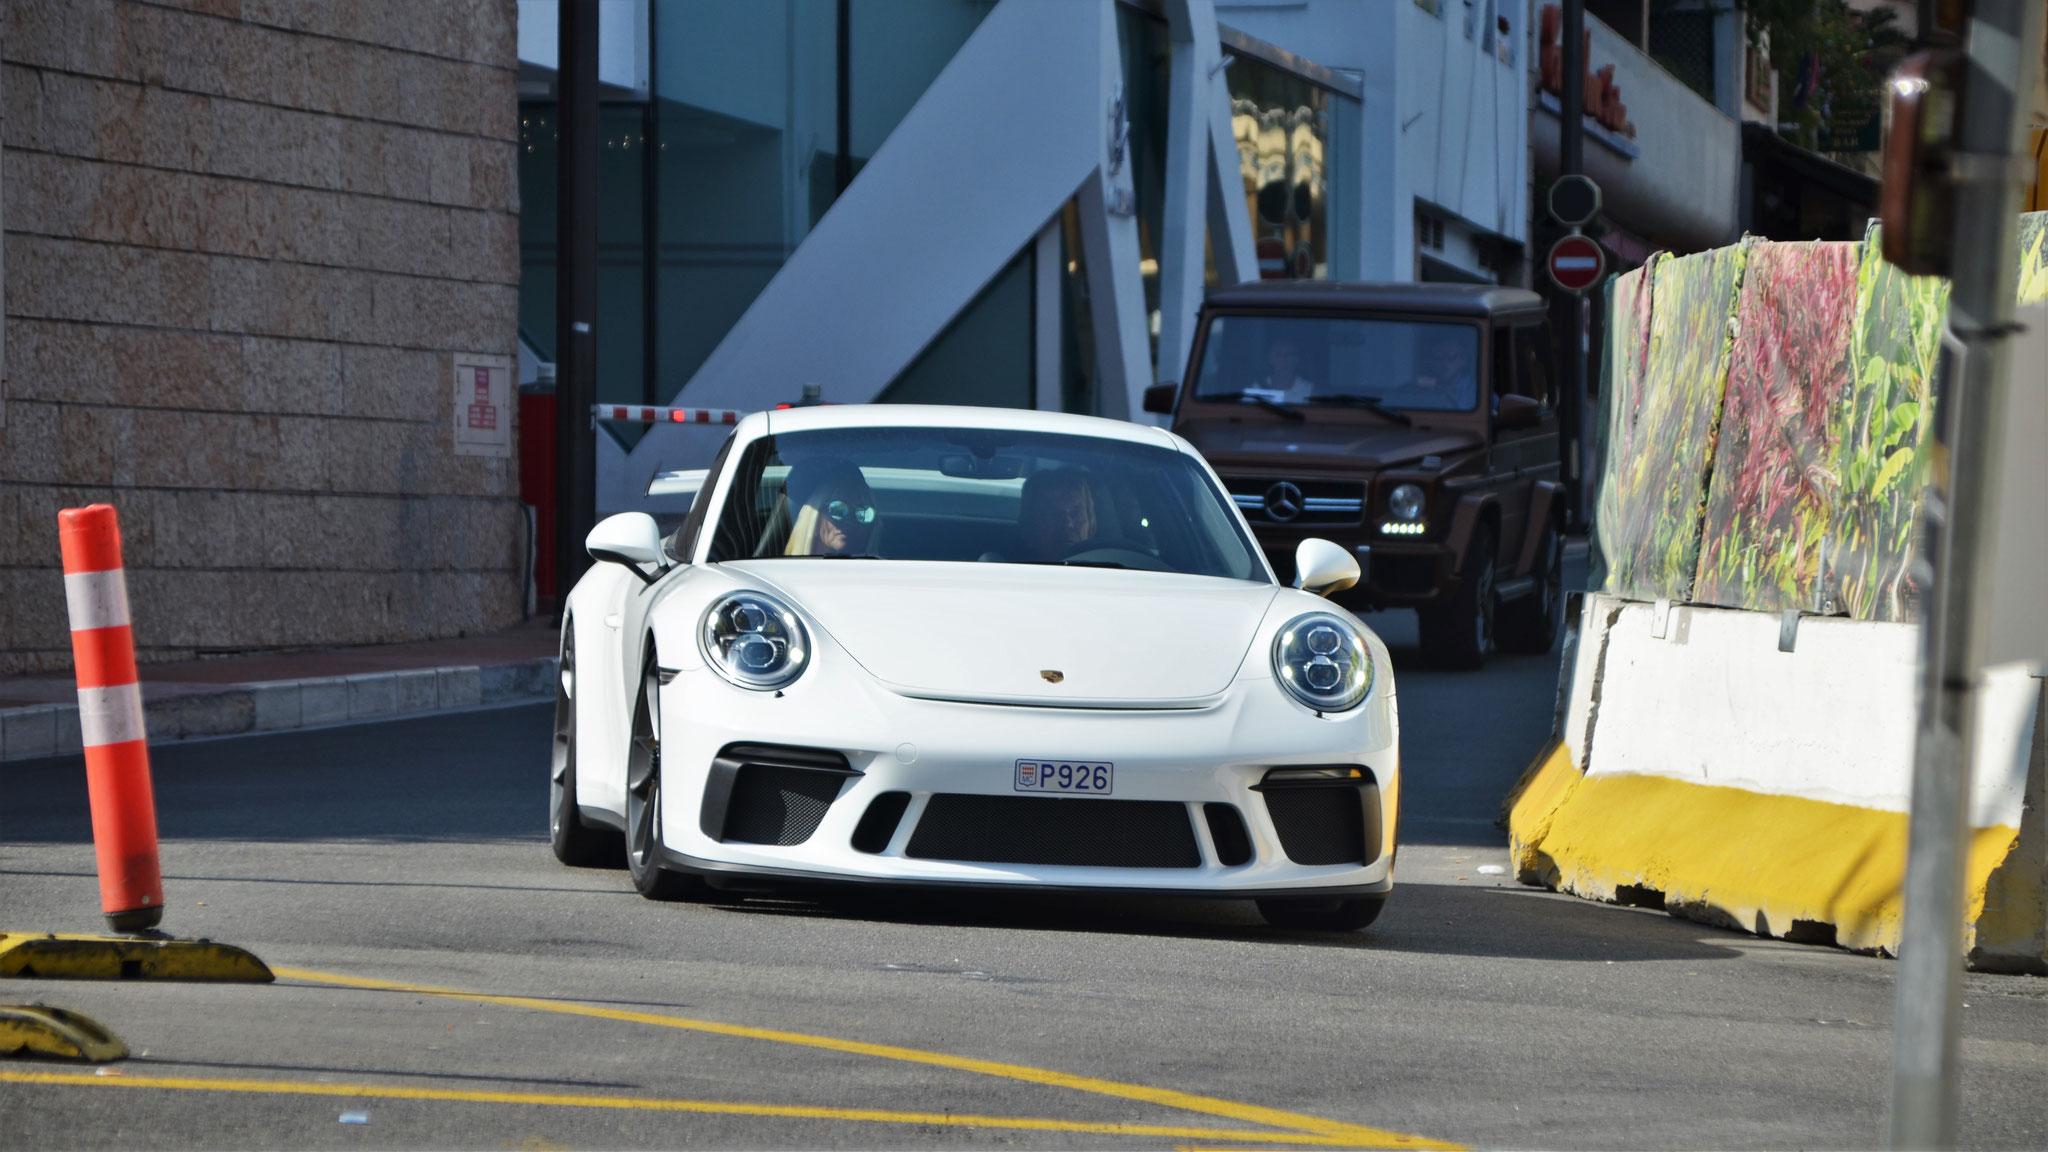 Porsche 991 GT3 - P926 (MC)